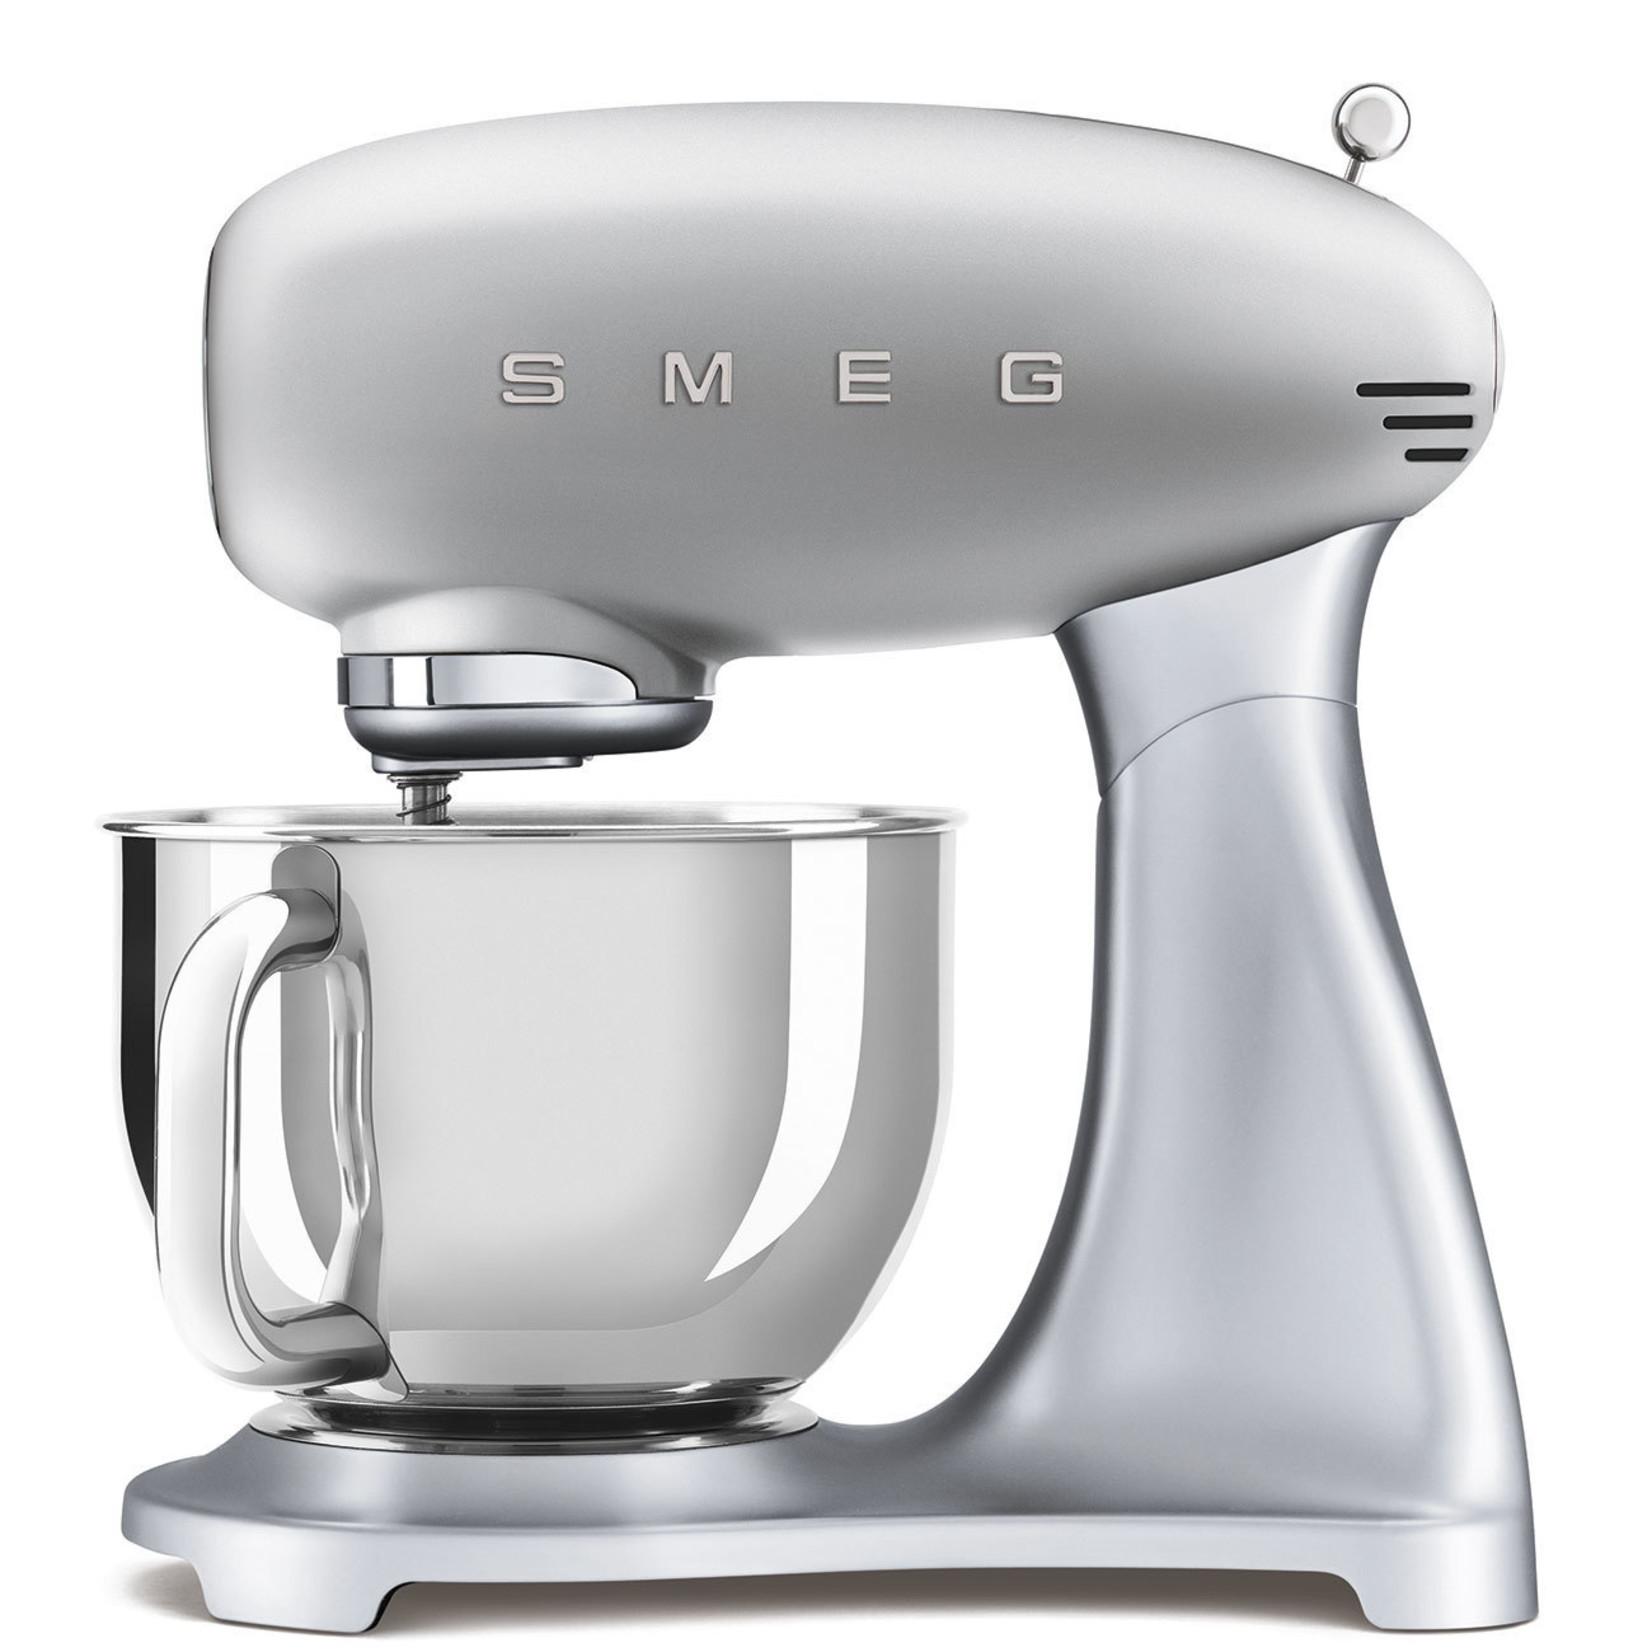 Smeg Smeg Keukenmachine SMF02SVEU, zilver